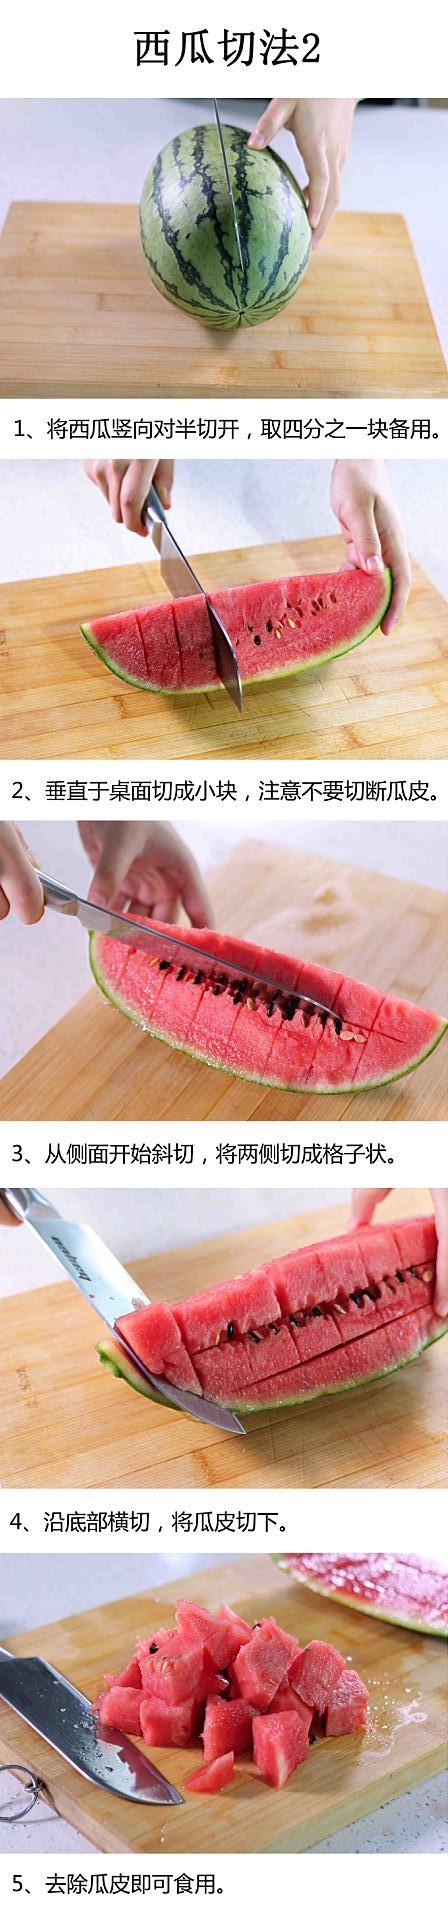 N种西瓜的闪亮切法Ck.jpg